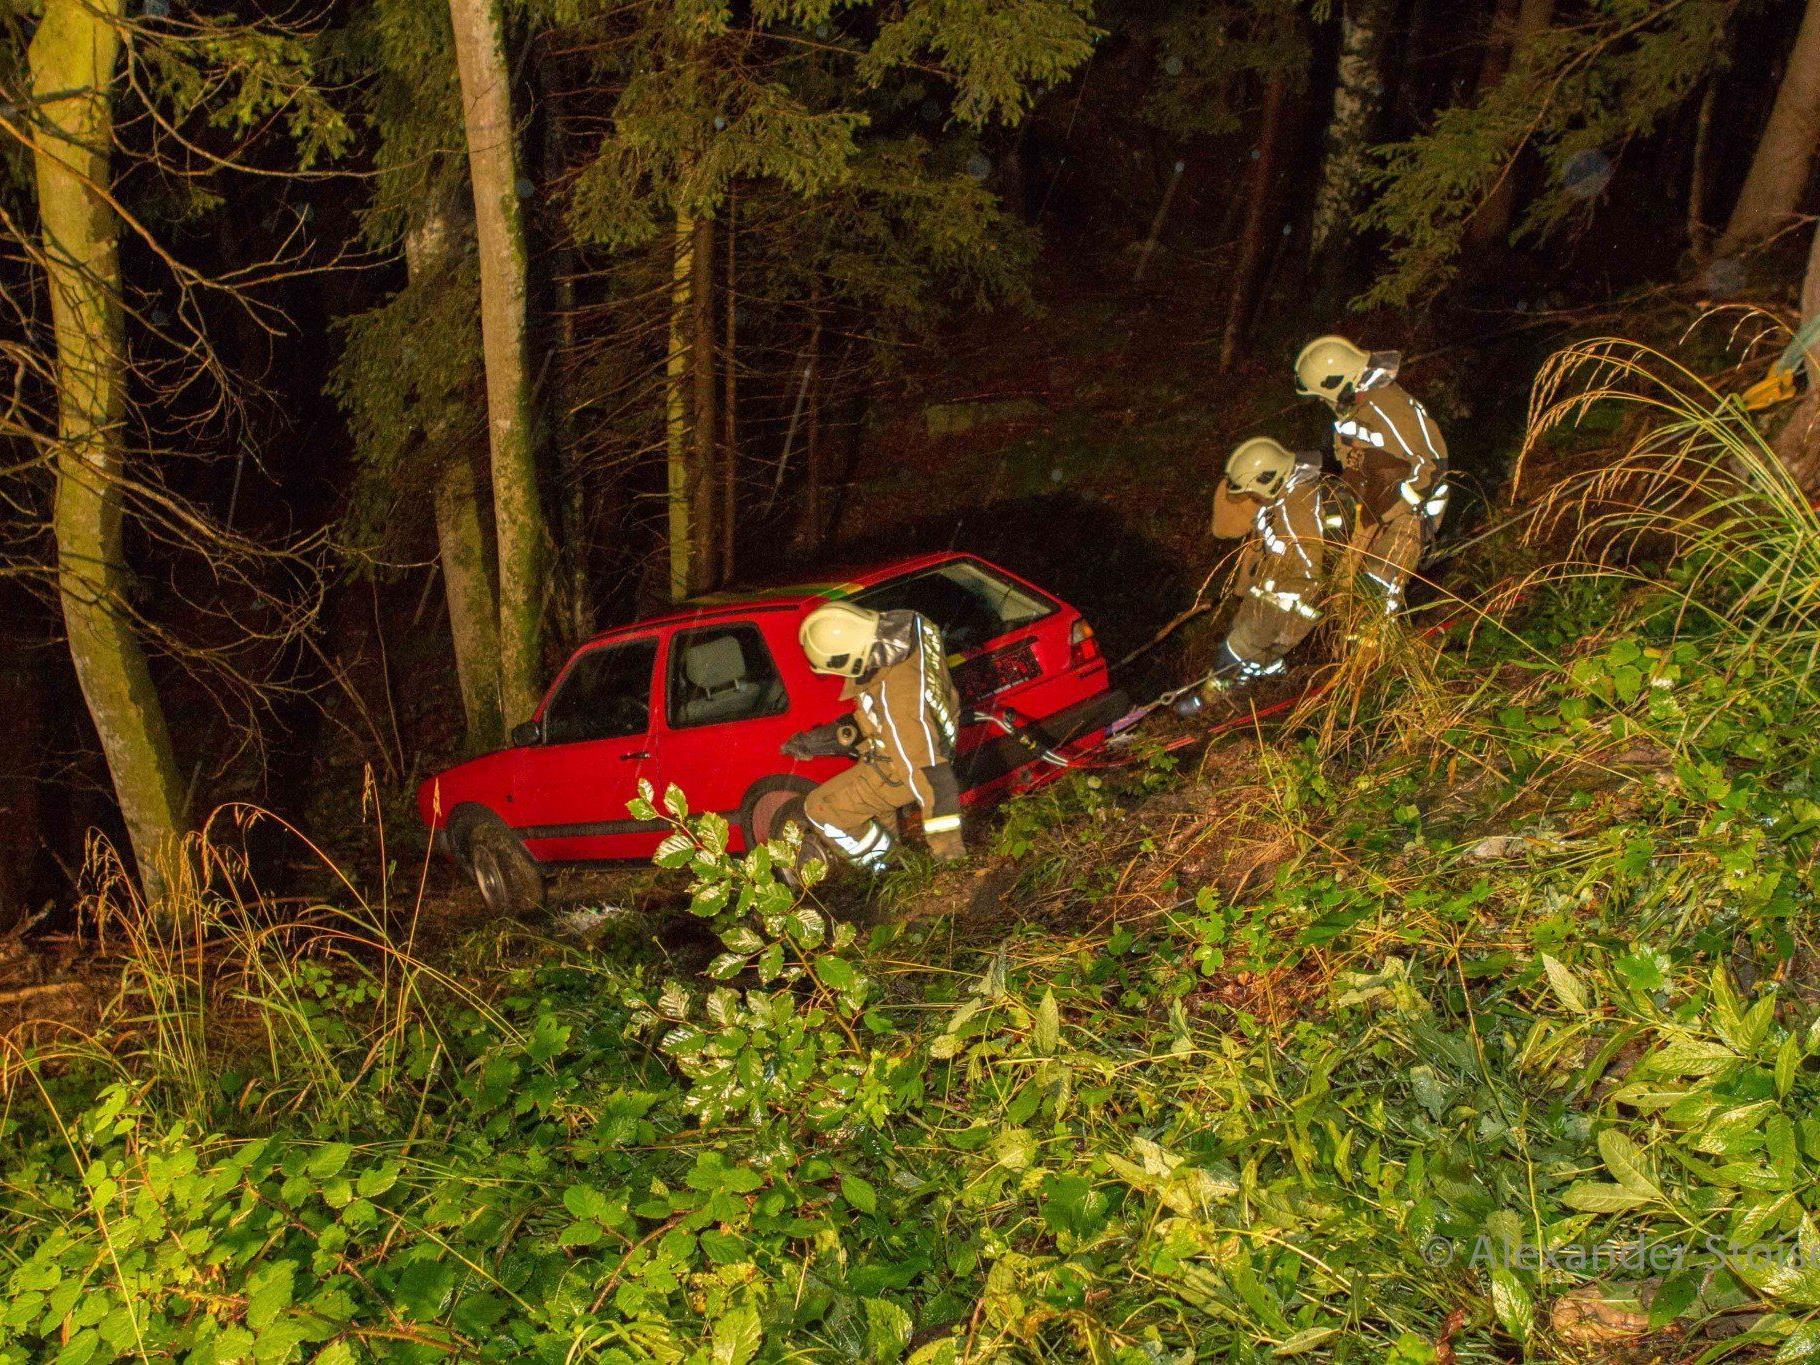 Albtraum eines jeden Autofahreres - ein Unfall, noch dazu in steilem Gelände.